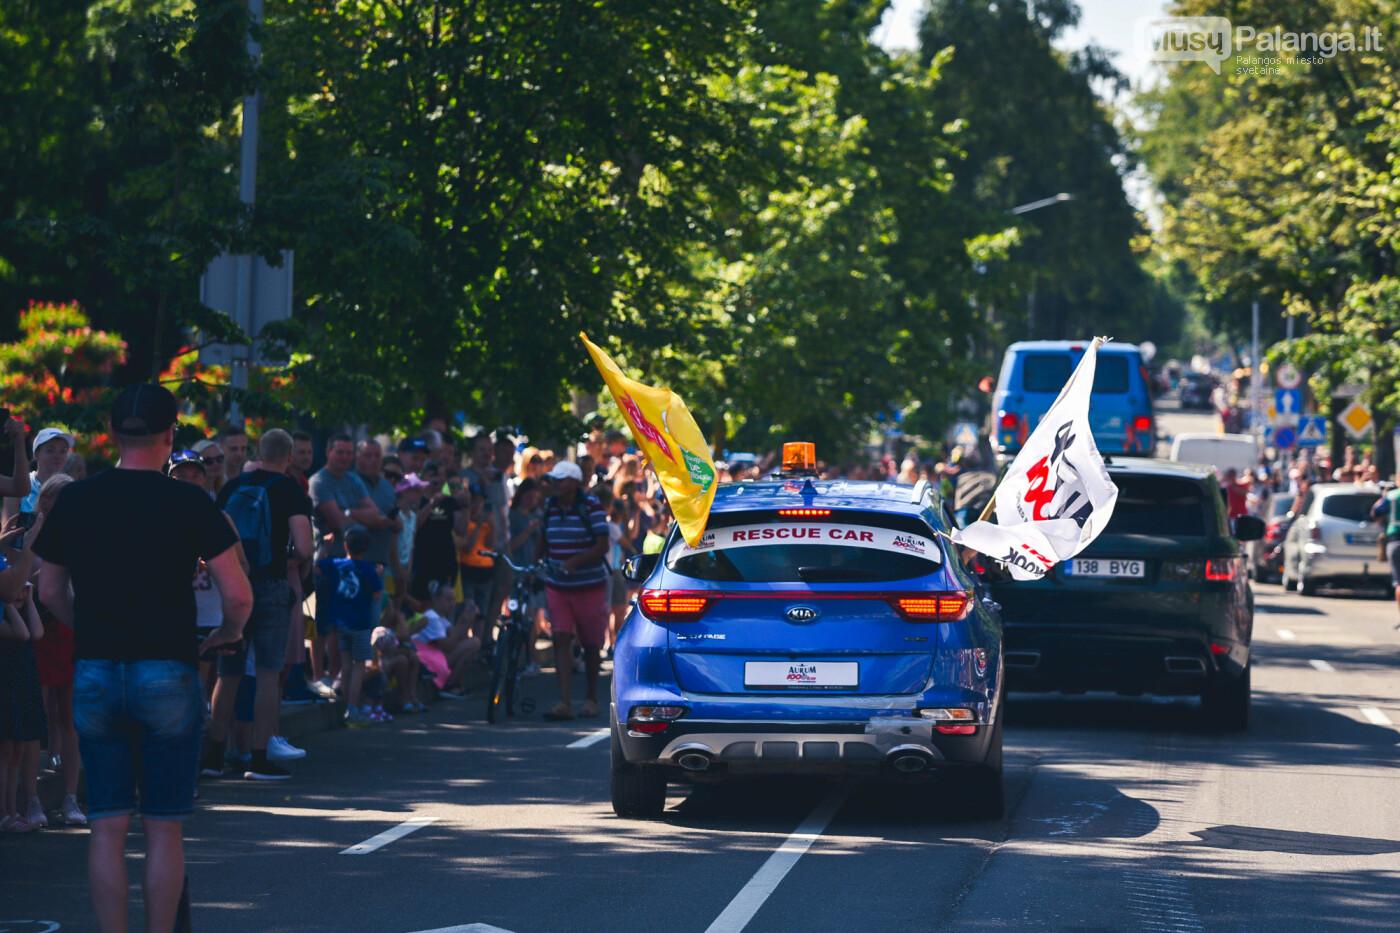 """Palanga alsuoja """"Aurum 1006 km lenktynių"""" ritmu, nuotrauka-33, Vytauto PILKAUSKO ir Arno STRUMILOS nuotr."""